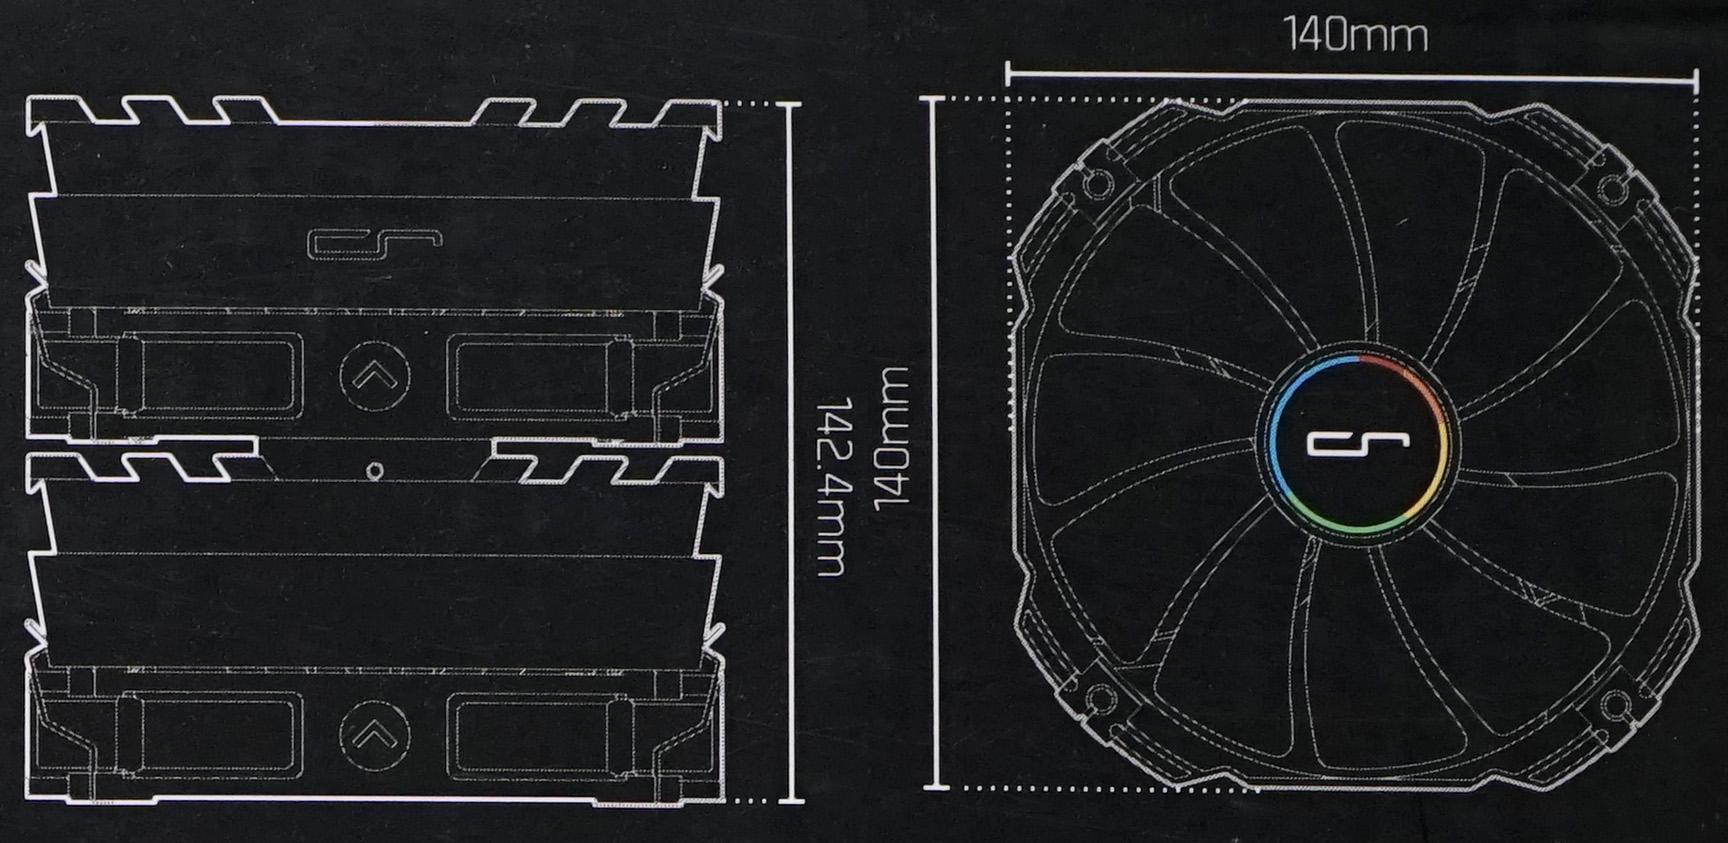 Spesifikasi Cryorig R1 d